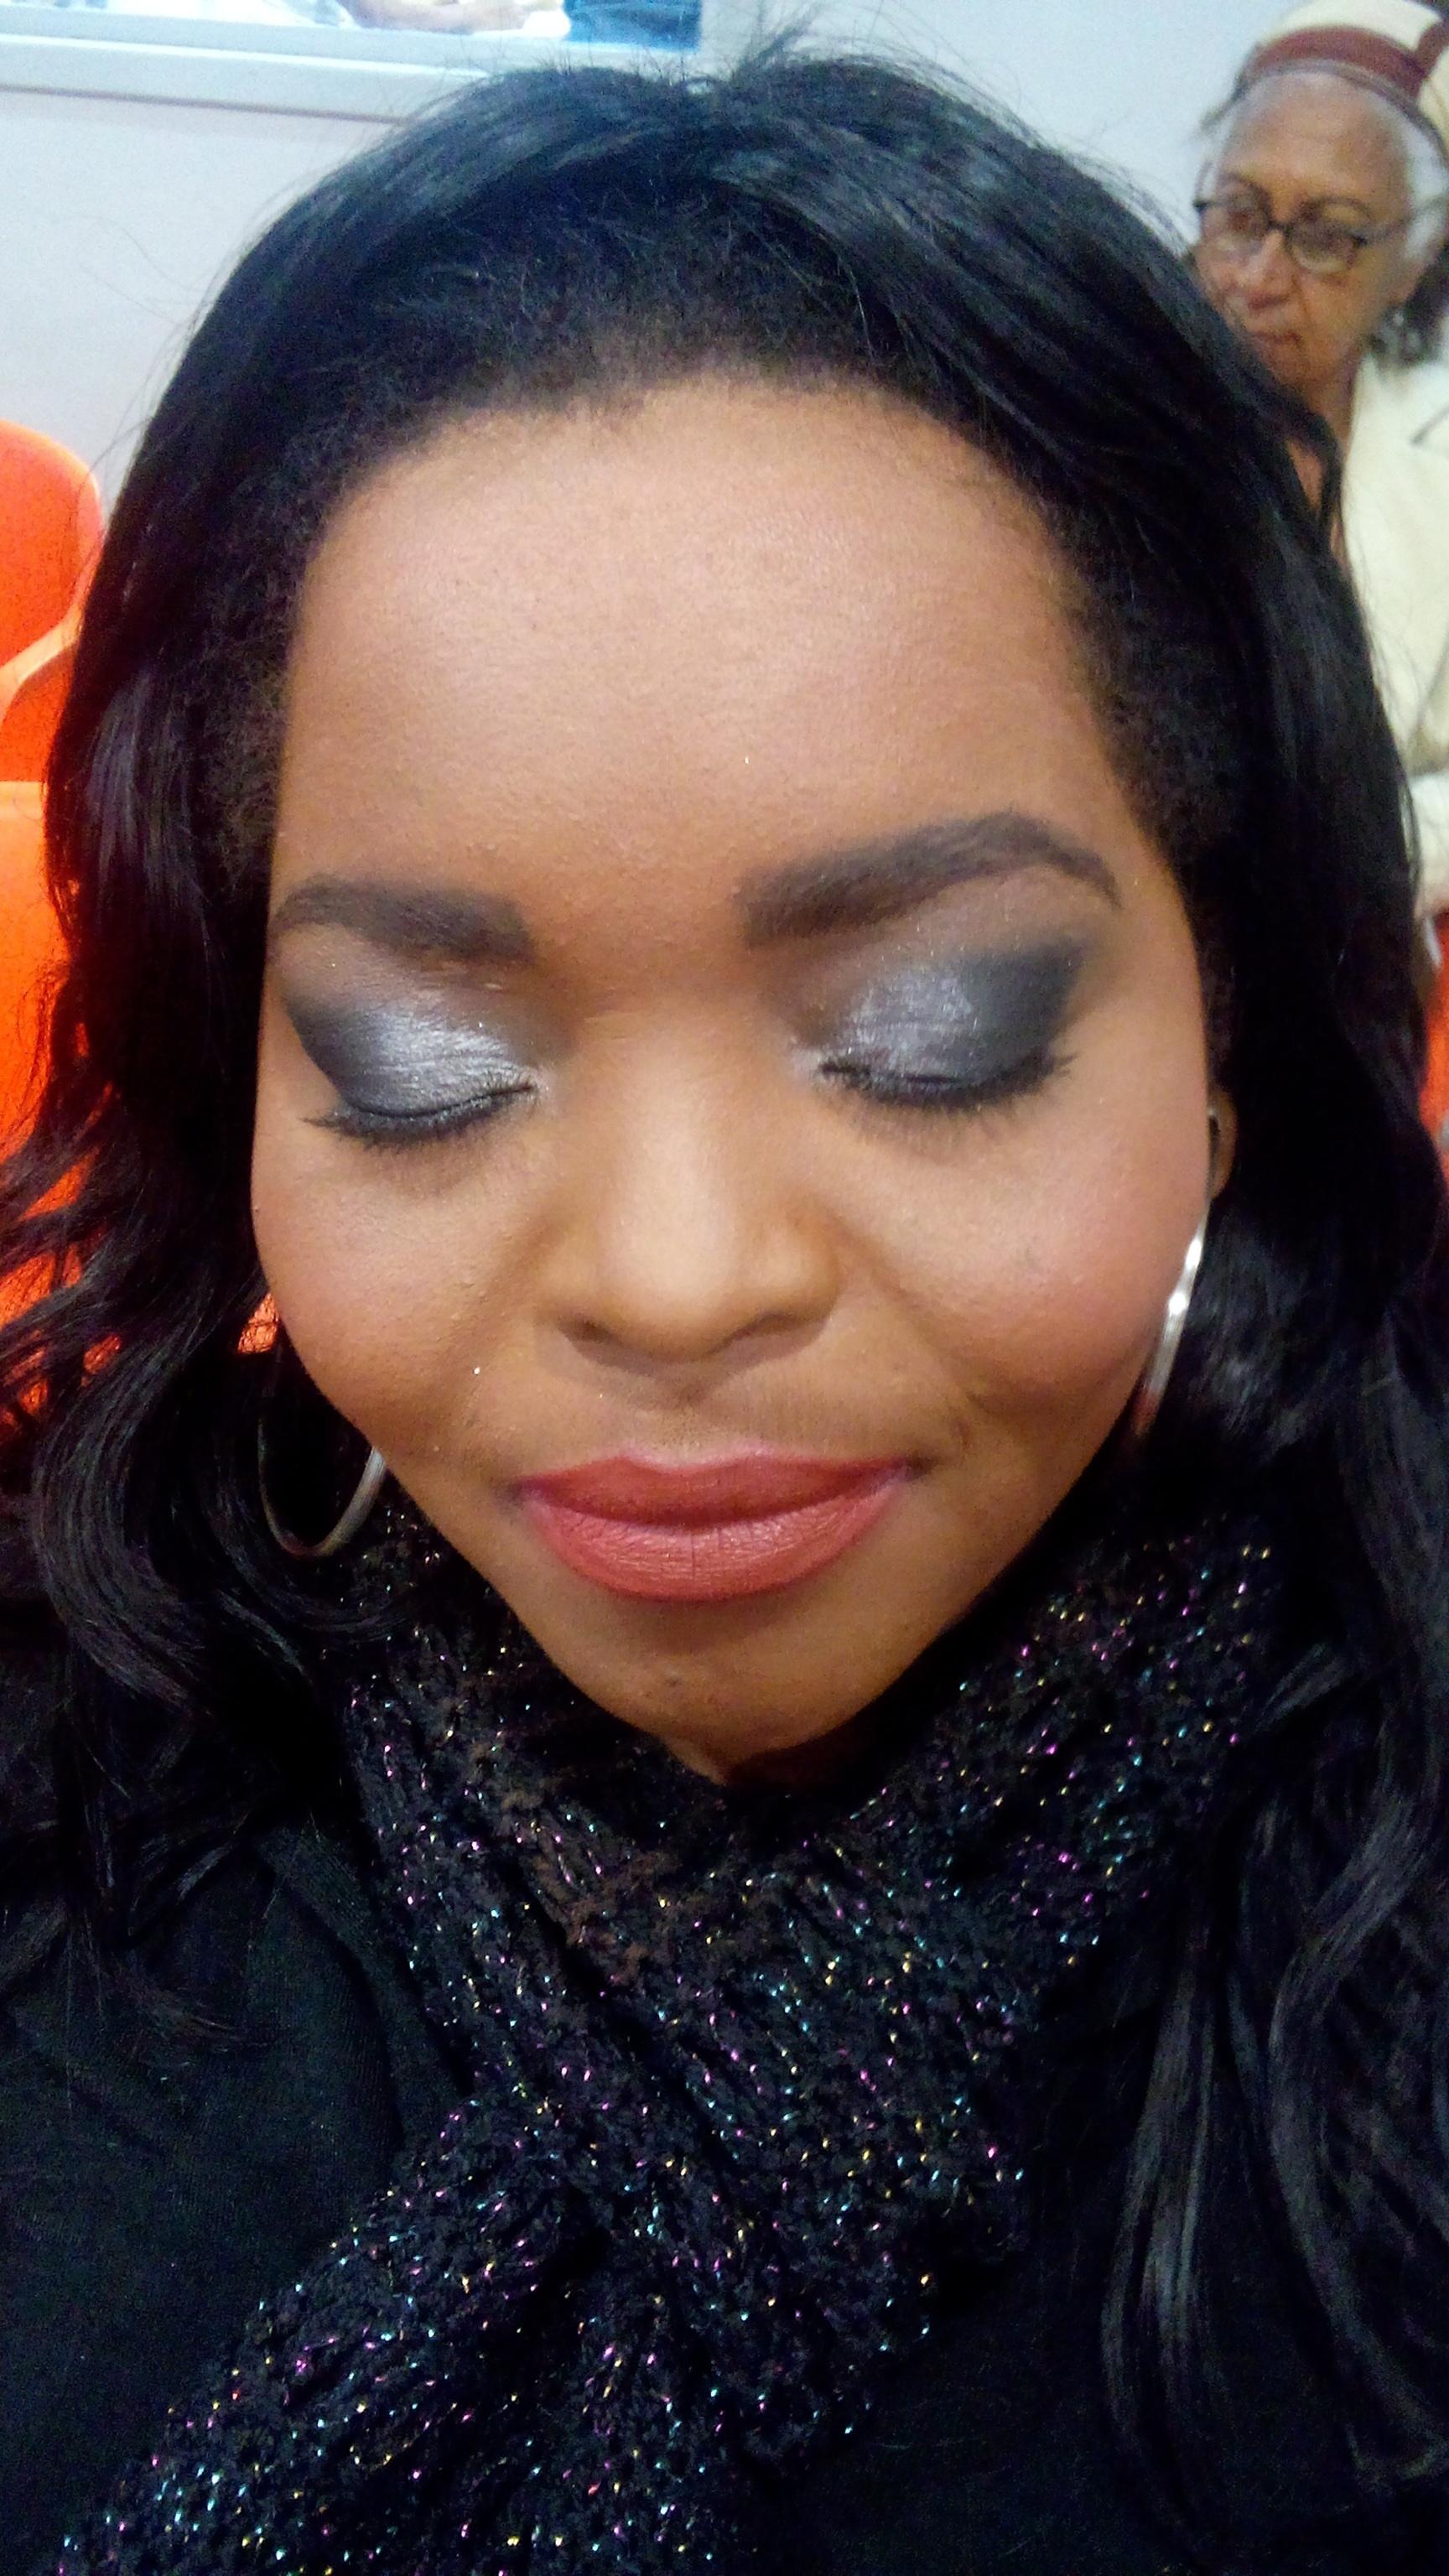 Maquiagem Pele Negra  maquiador(a) produtor(a)